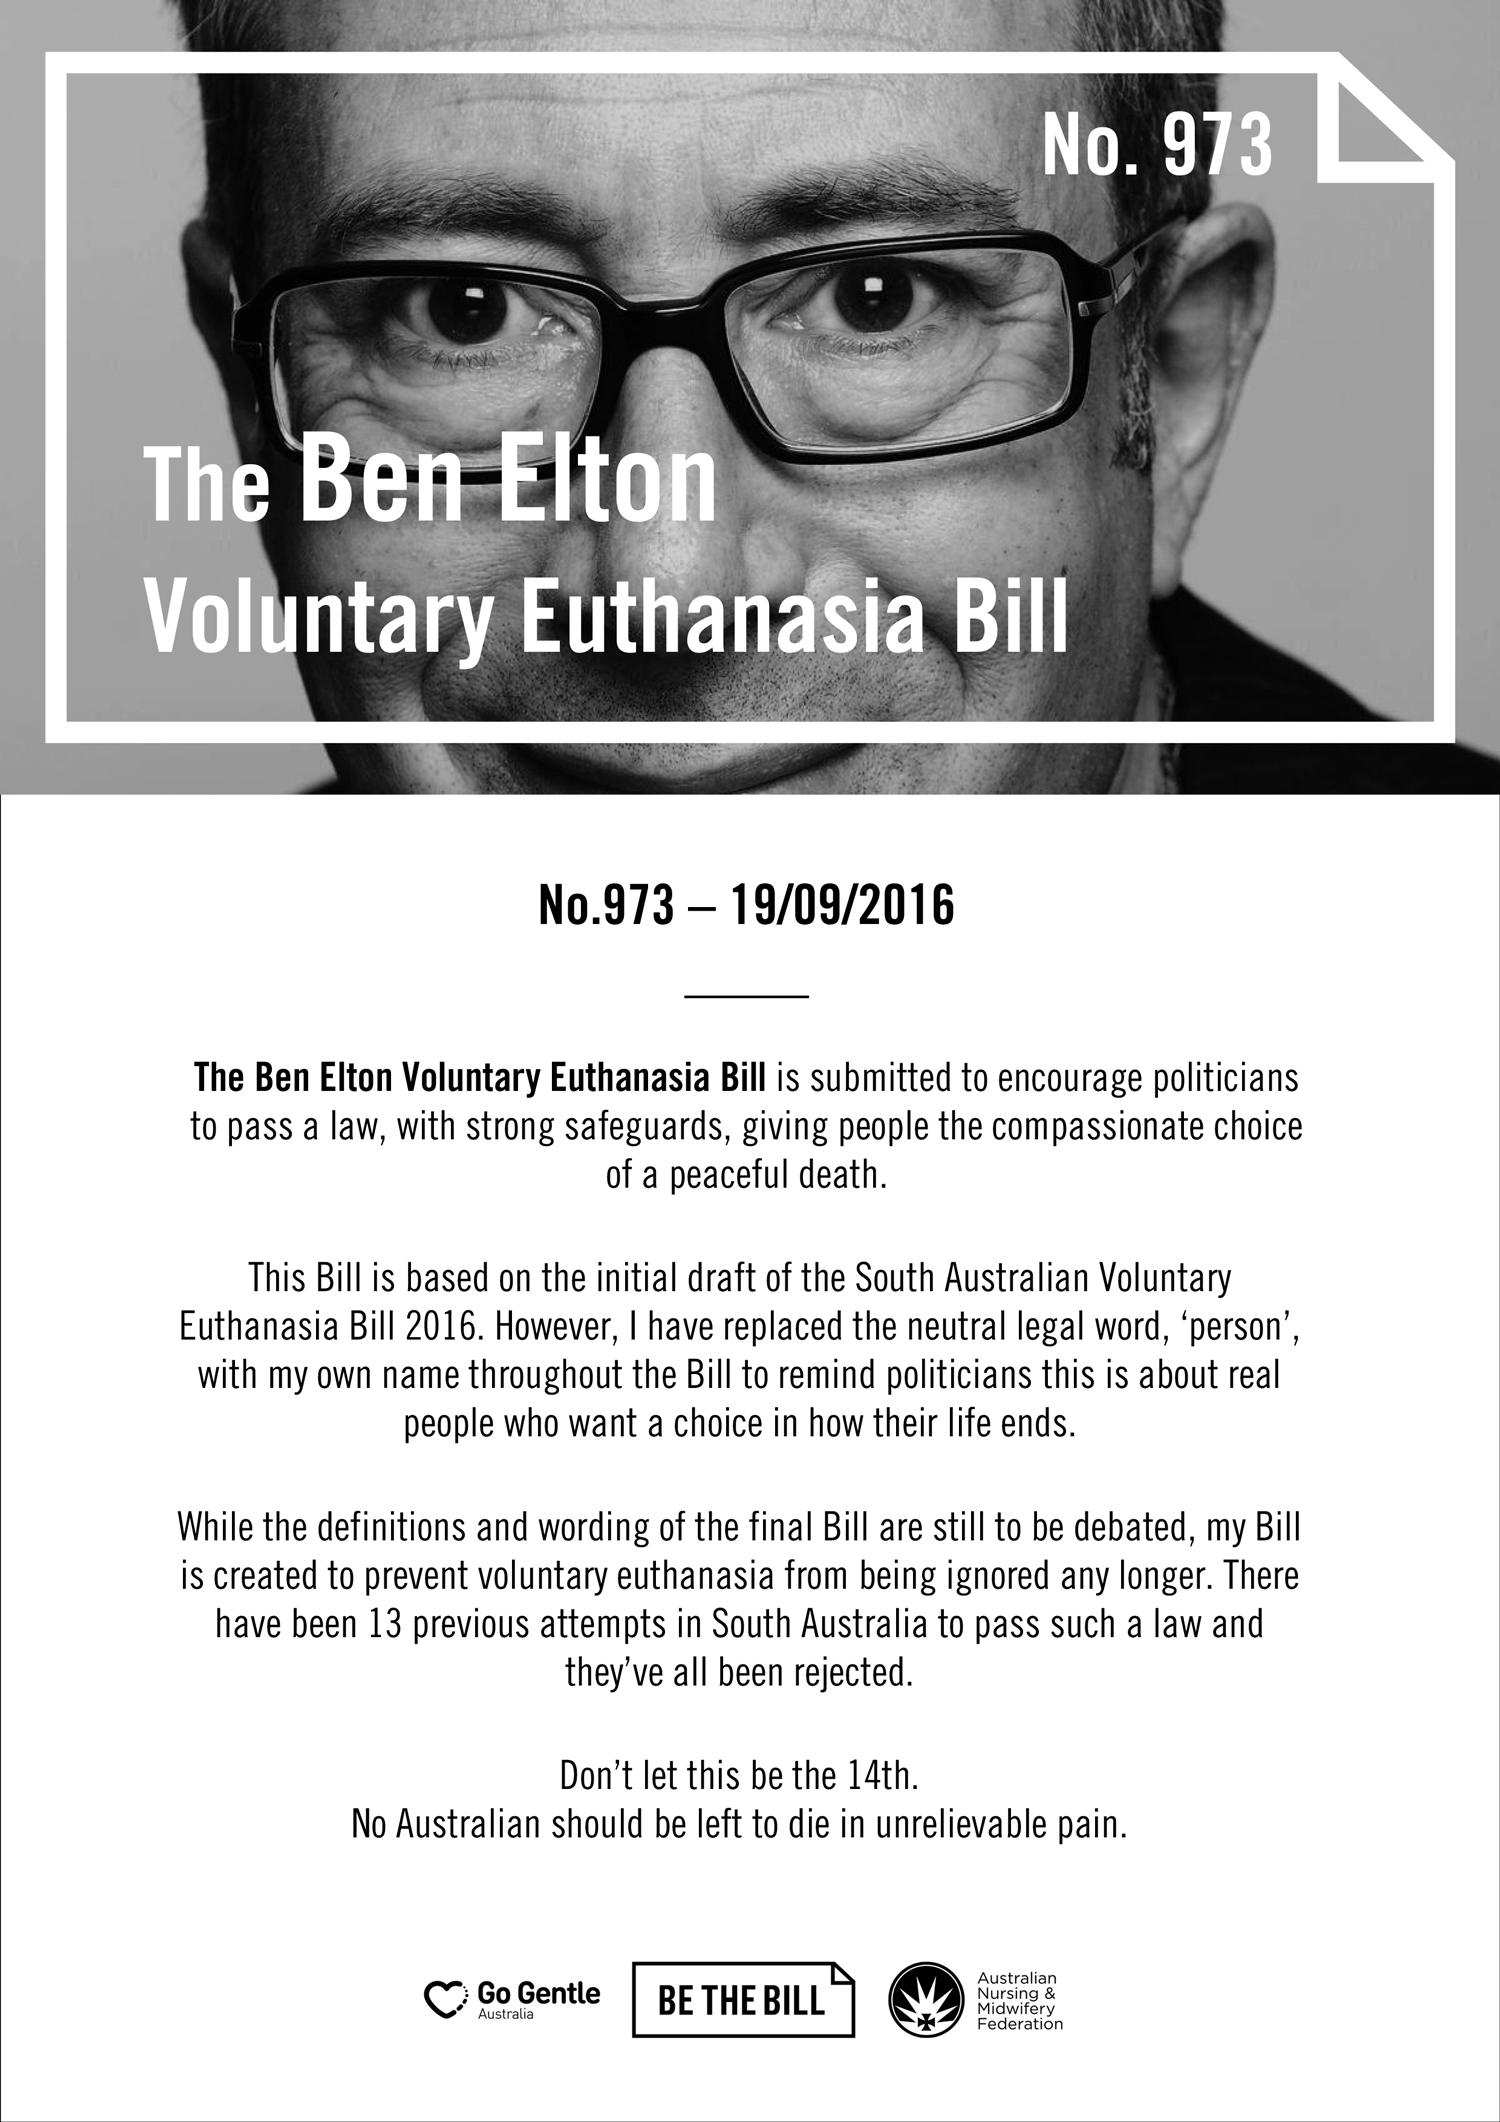 7_Ben-Elton-Bill-Still